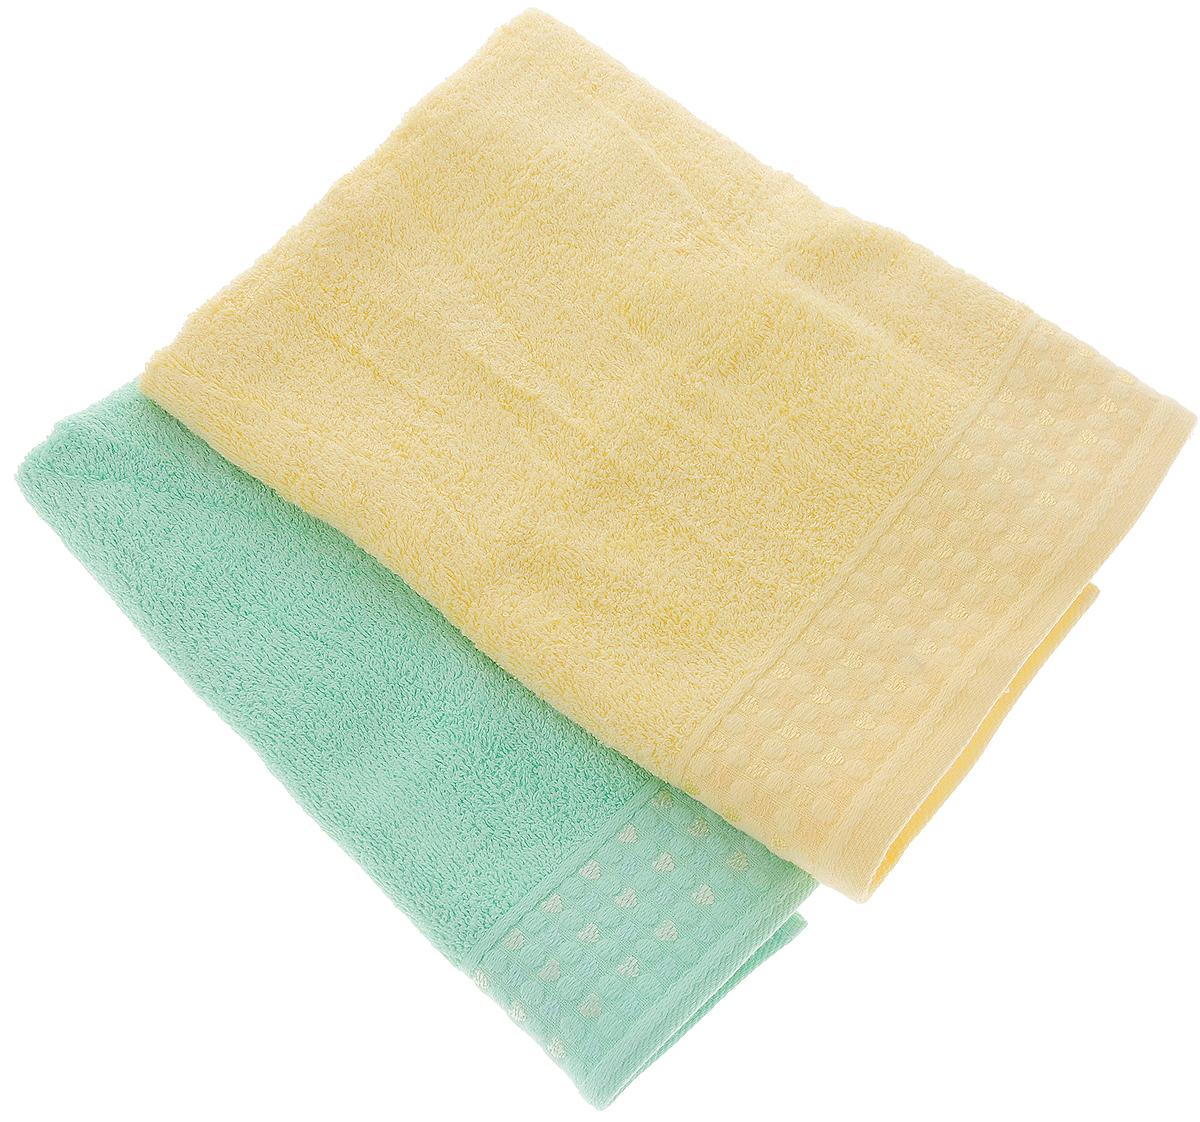 Набор полотенец Tete-a-Tete Сердечки, цвет: желтый, бирюза, 50 х 90 см, 2 штУП-107-01-2кНабор Tete-a-Tete Сердечки состоит из двух махровых полотенец, выполненных из натурального 100% хлопка. Бордюр полотенец декорирован рисунком сердечек. Изделия мягкие, отлично впитывают влагу, быстро сохнут, сохраняют яркость цвета и не теряют форму даже после многократных стирок. Полотенца Tete-a-Tete Сердечки очень практичны и неприхотливы в уходе. Они легко впишутся в любой интерьер благодаря своей нежной цветовой гамме. Набор упакован в красивую коробку и может послужить отличной идеей подарка. Размер полотенец: 50 х 90 см.